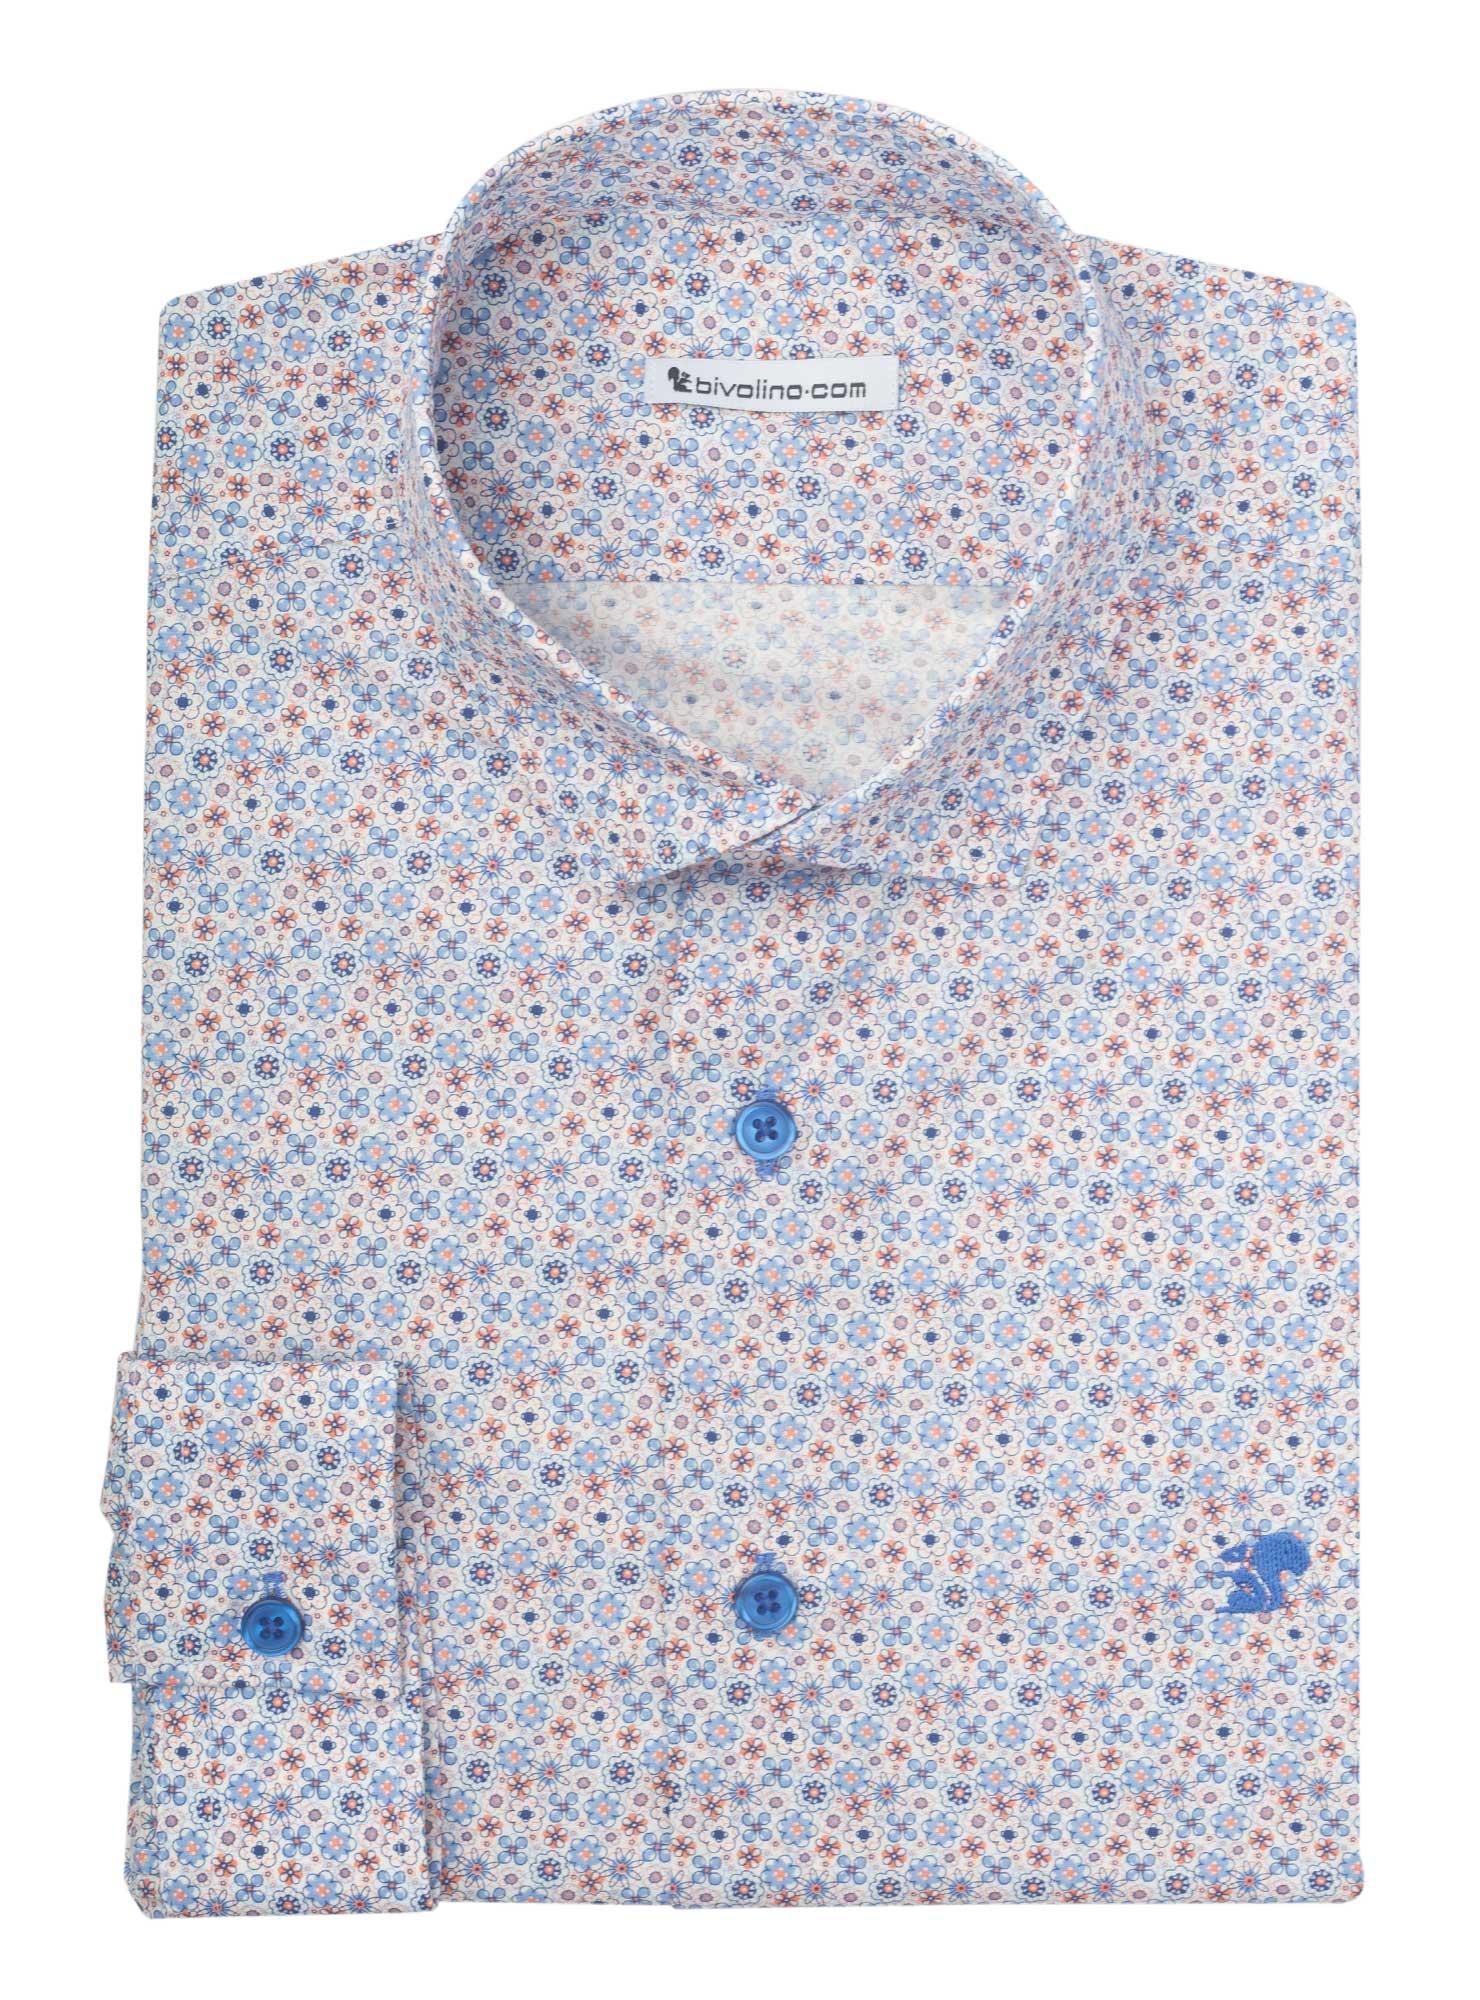 CUNEO - chemise homme print microdessin millefleurs bleu ciel coton - MANIO 4